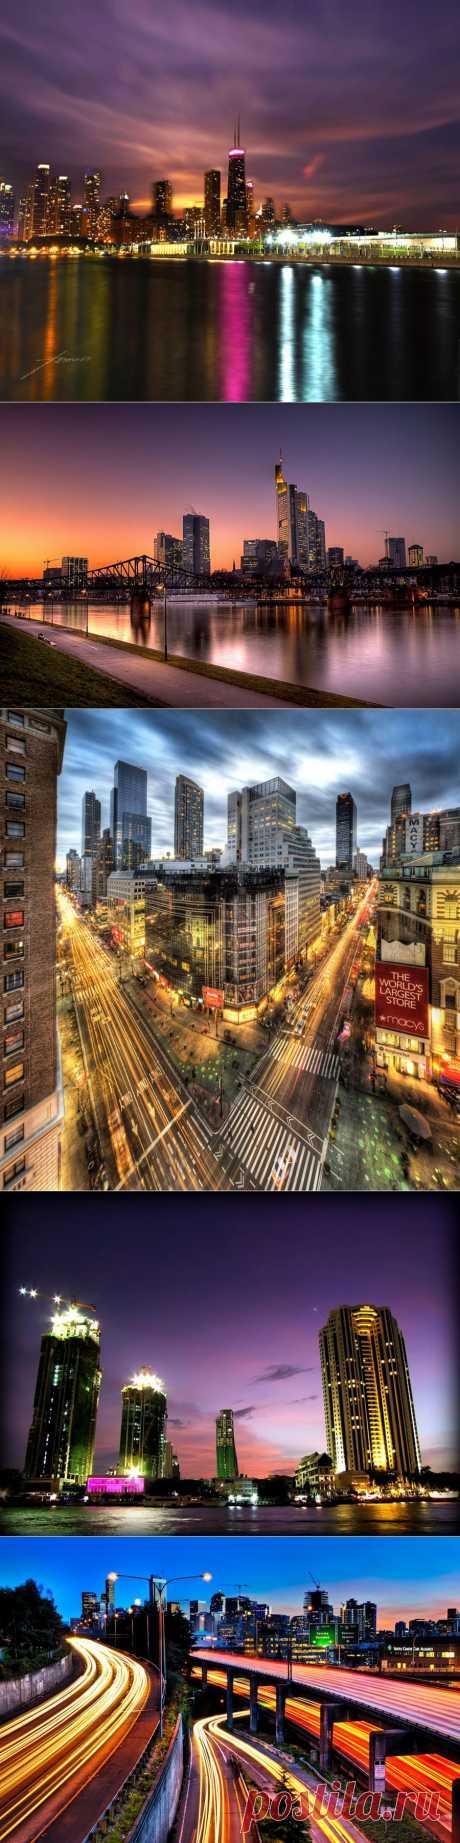 Потрясающие фотографии городских горизонтов | Newpix.ru - позитивный интернет-журнал